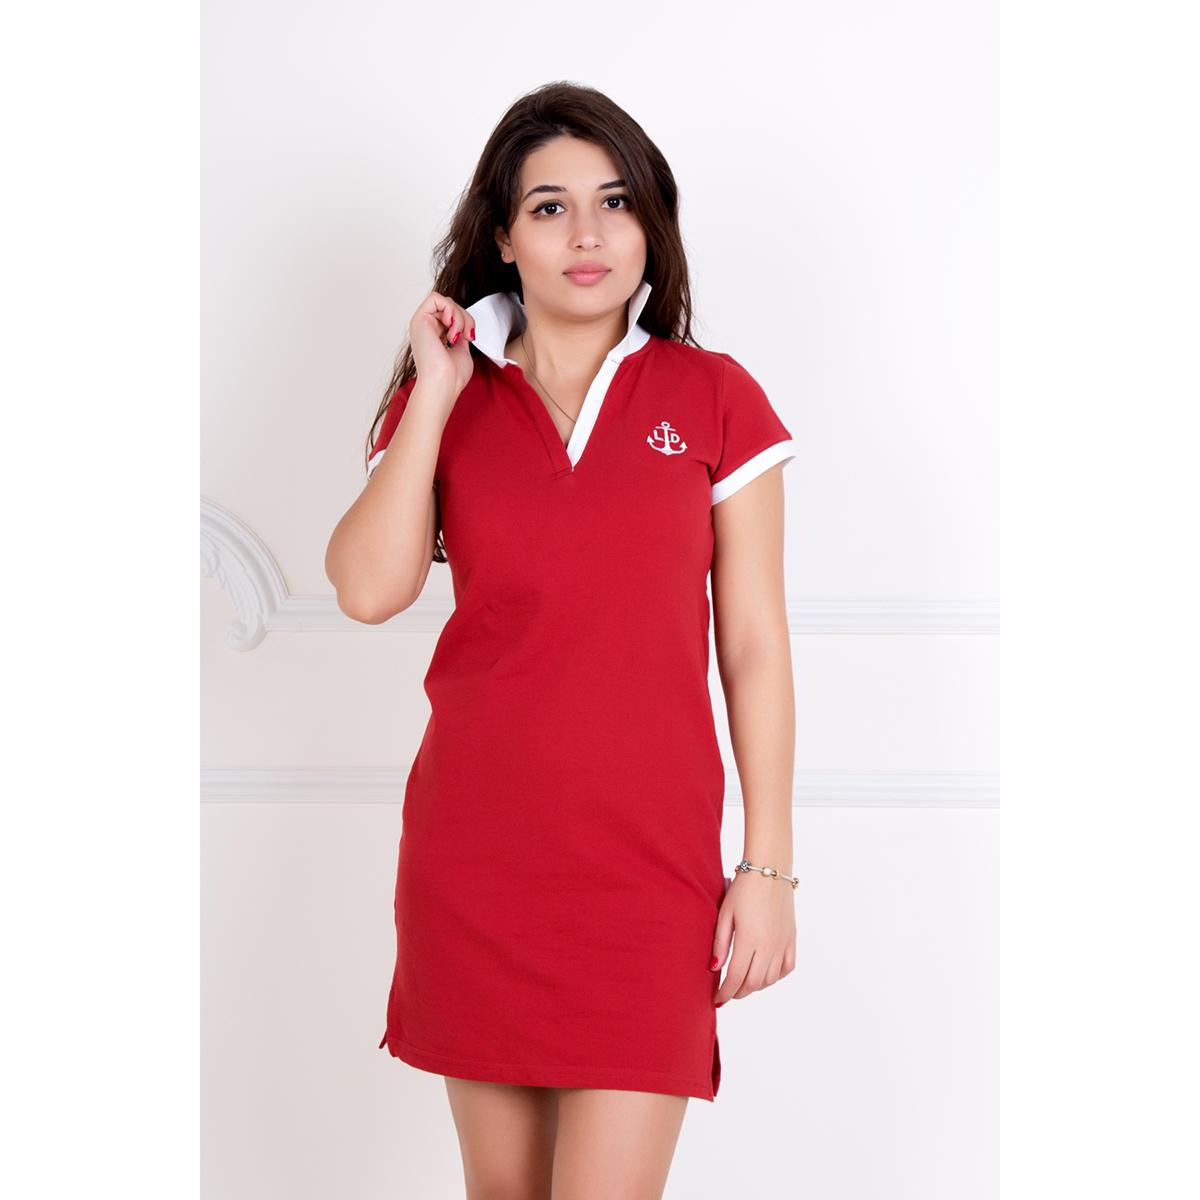 Женское платье Поло Красный, размер 44Платья<br>Обхват груди:88 см<br>Обхват талии:68 см<br>Обхват бедер:96 см<br>Длина по спинке:93 см<br>Рост:167 см<br><br>Тип: Жен. платье<br>Размер: 44<br>Материал: Пике